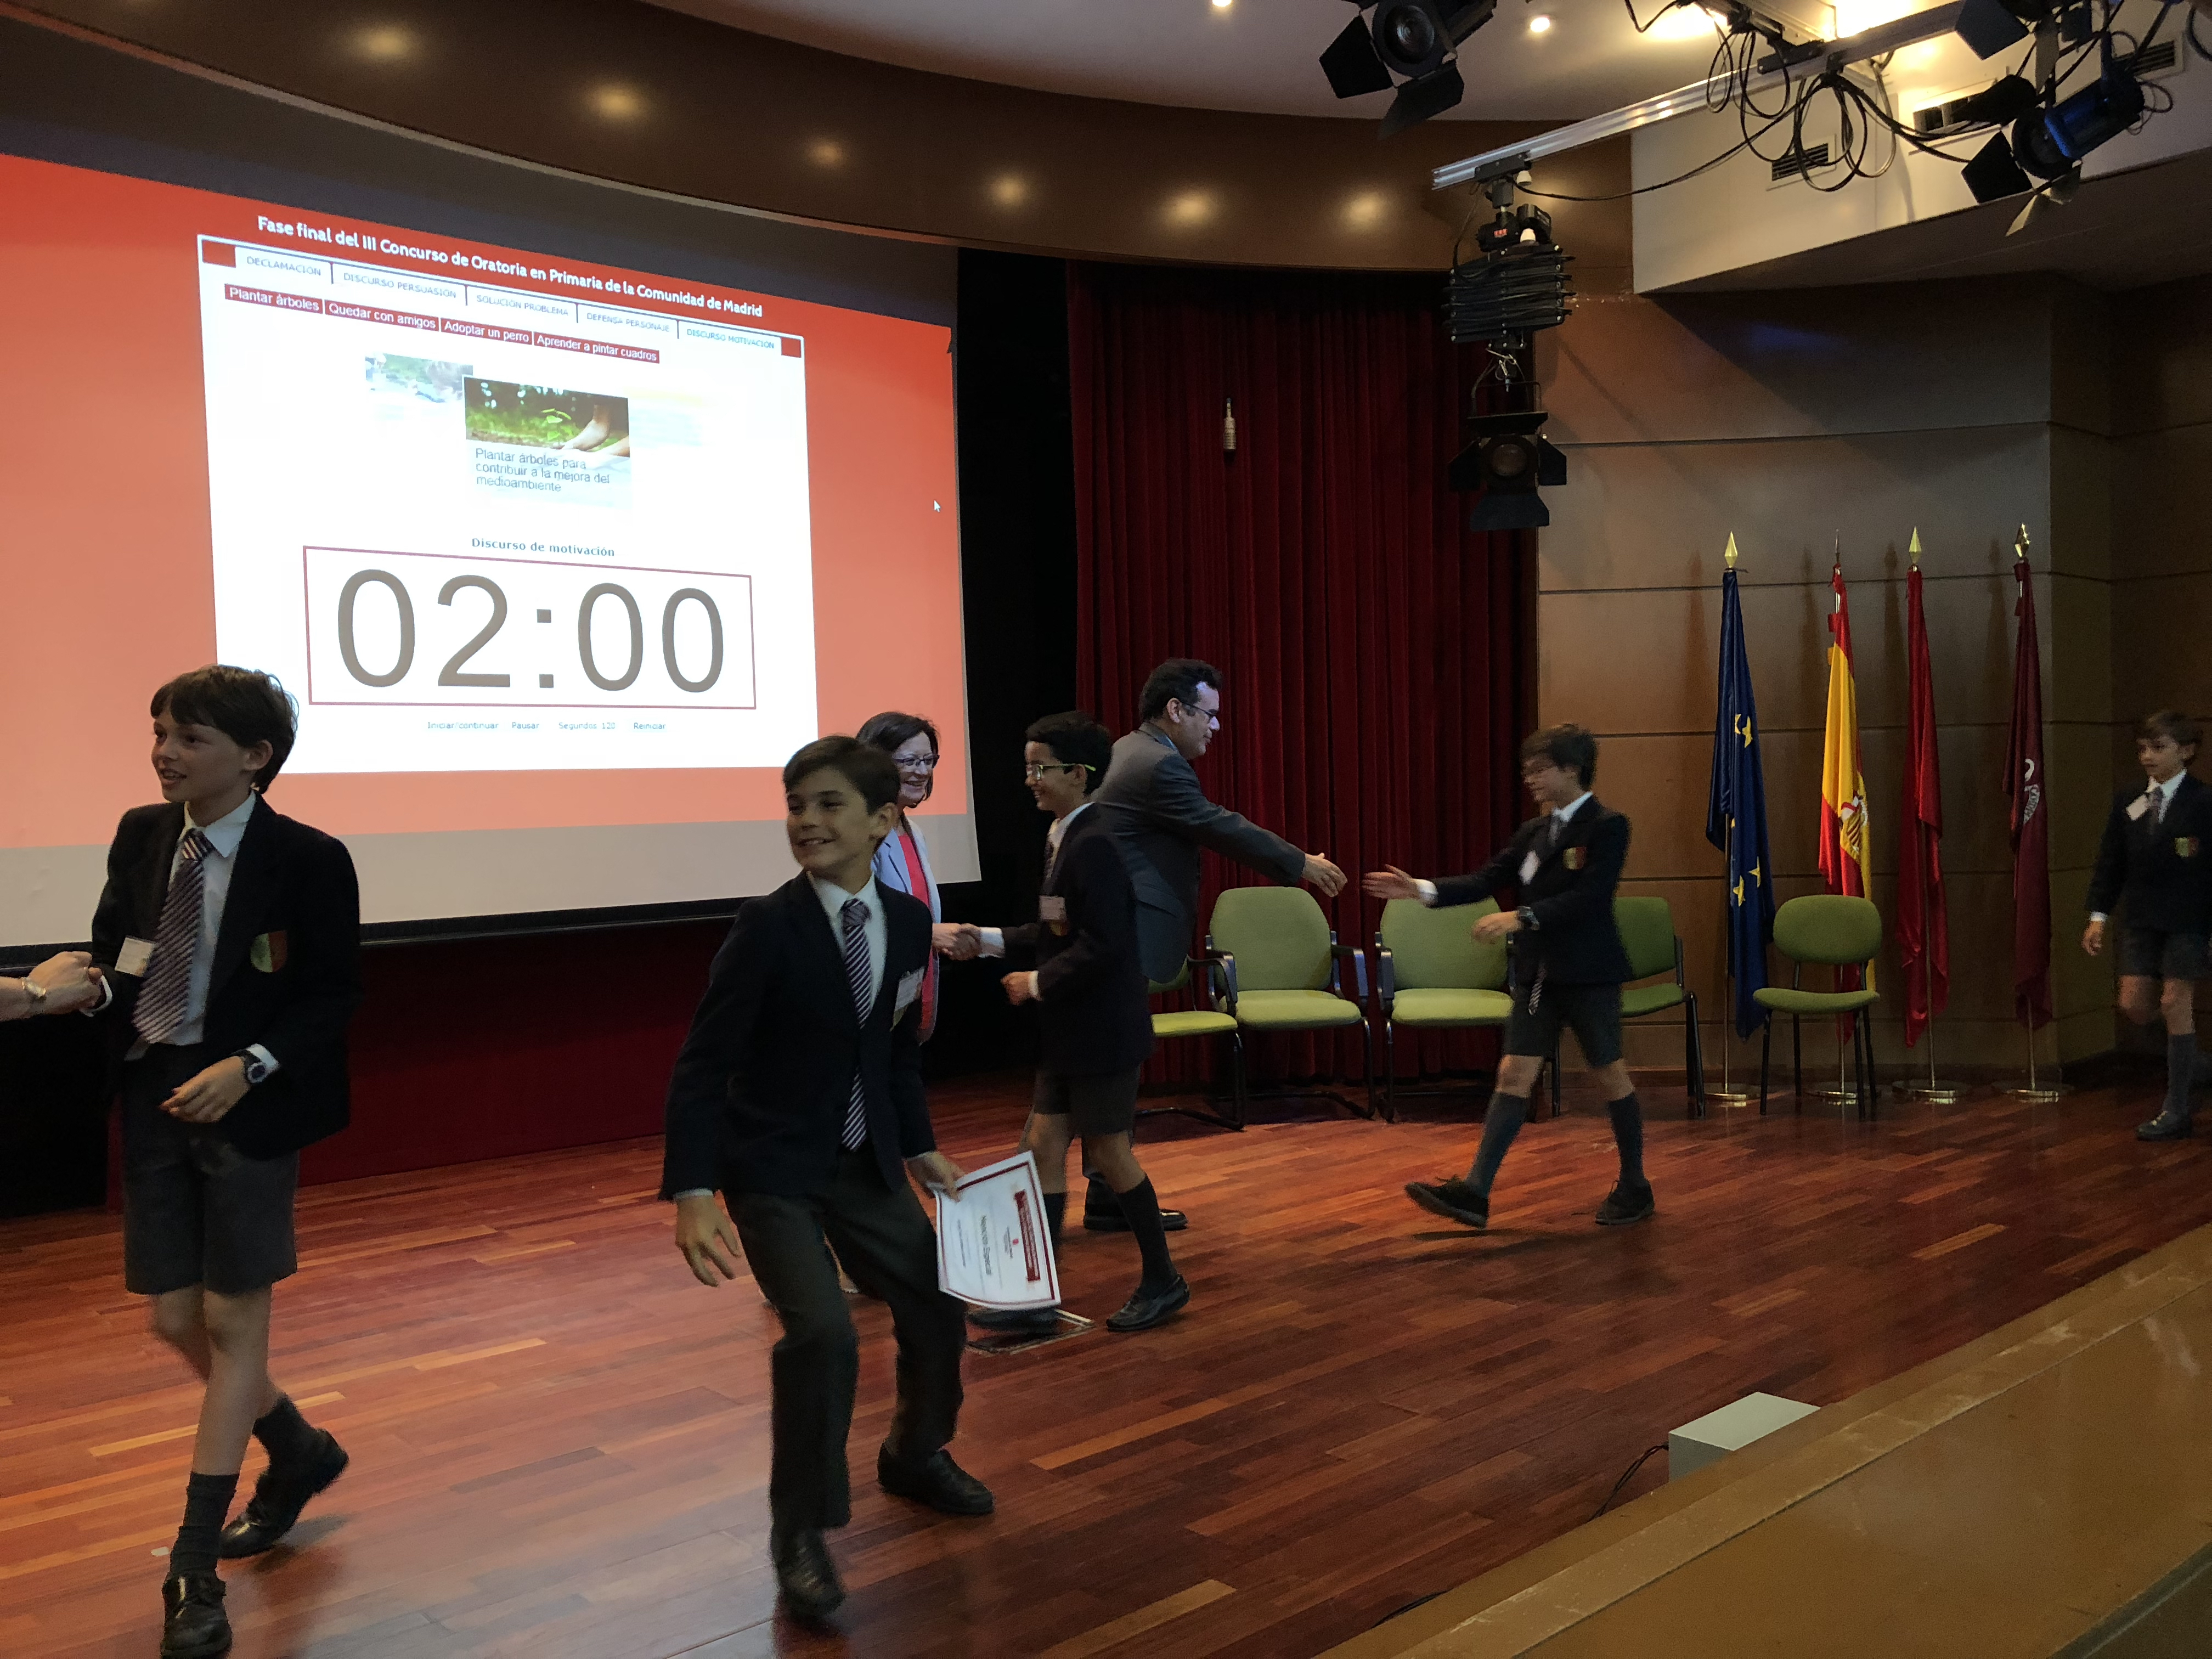 Fase final del III Concurso de Oratoria en Primaria de la Comunidad de Madrid 6